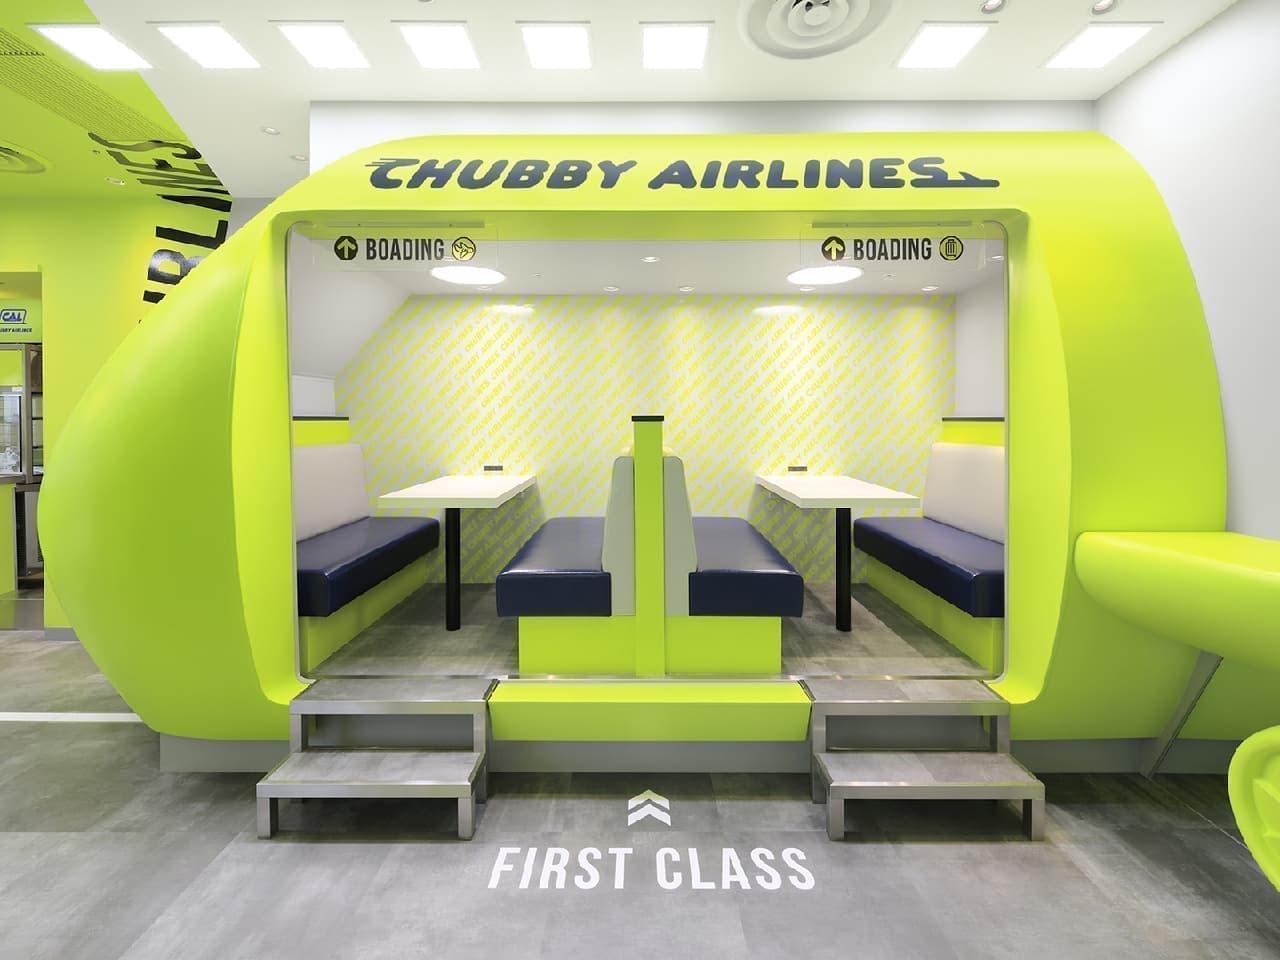 CHUBBY AIRLINES(チャビーエアラインズ)